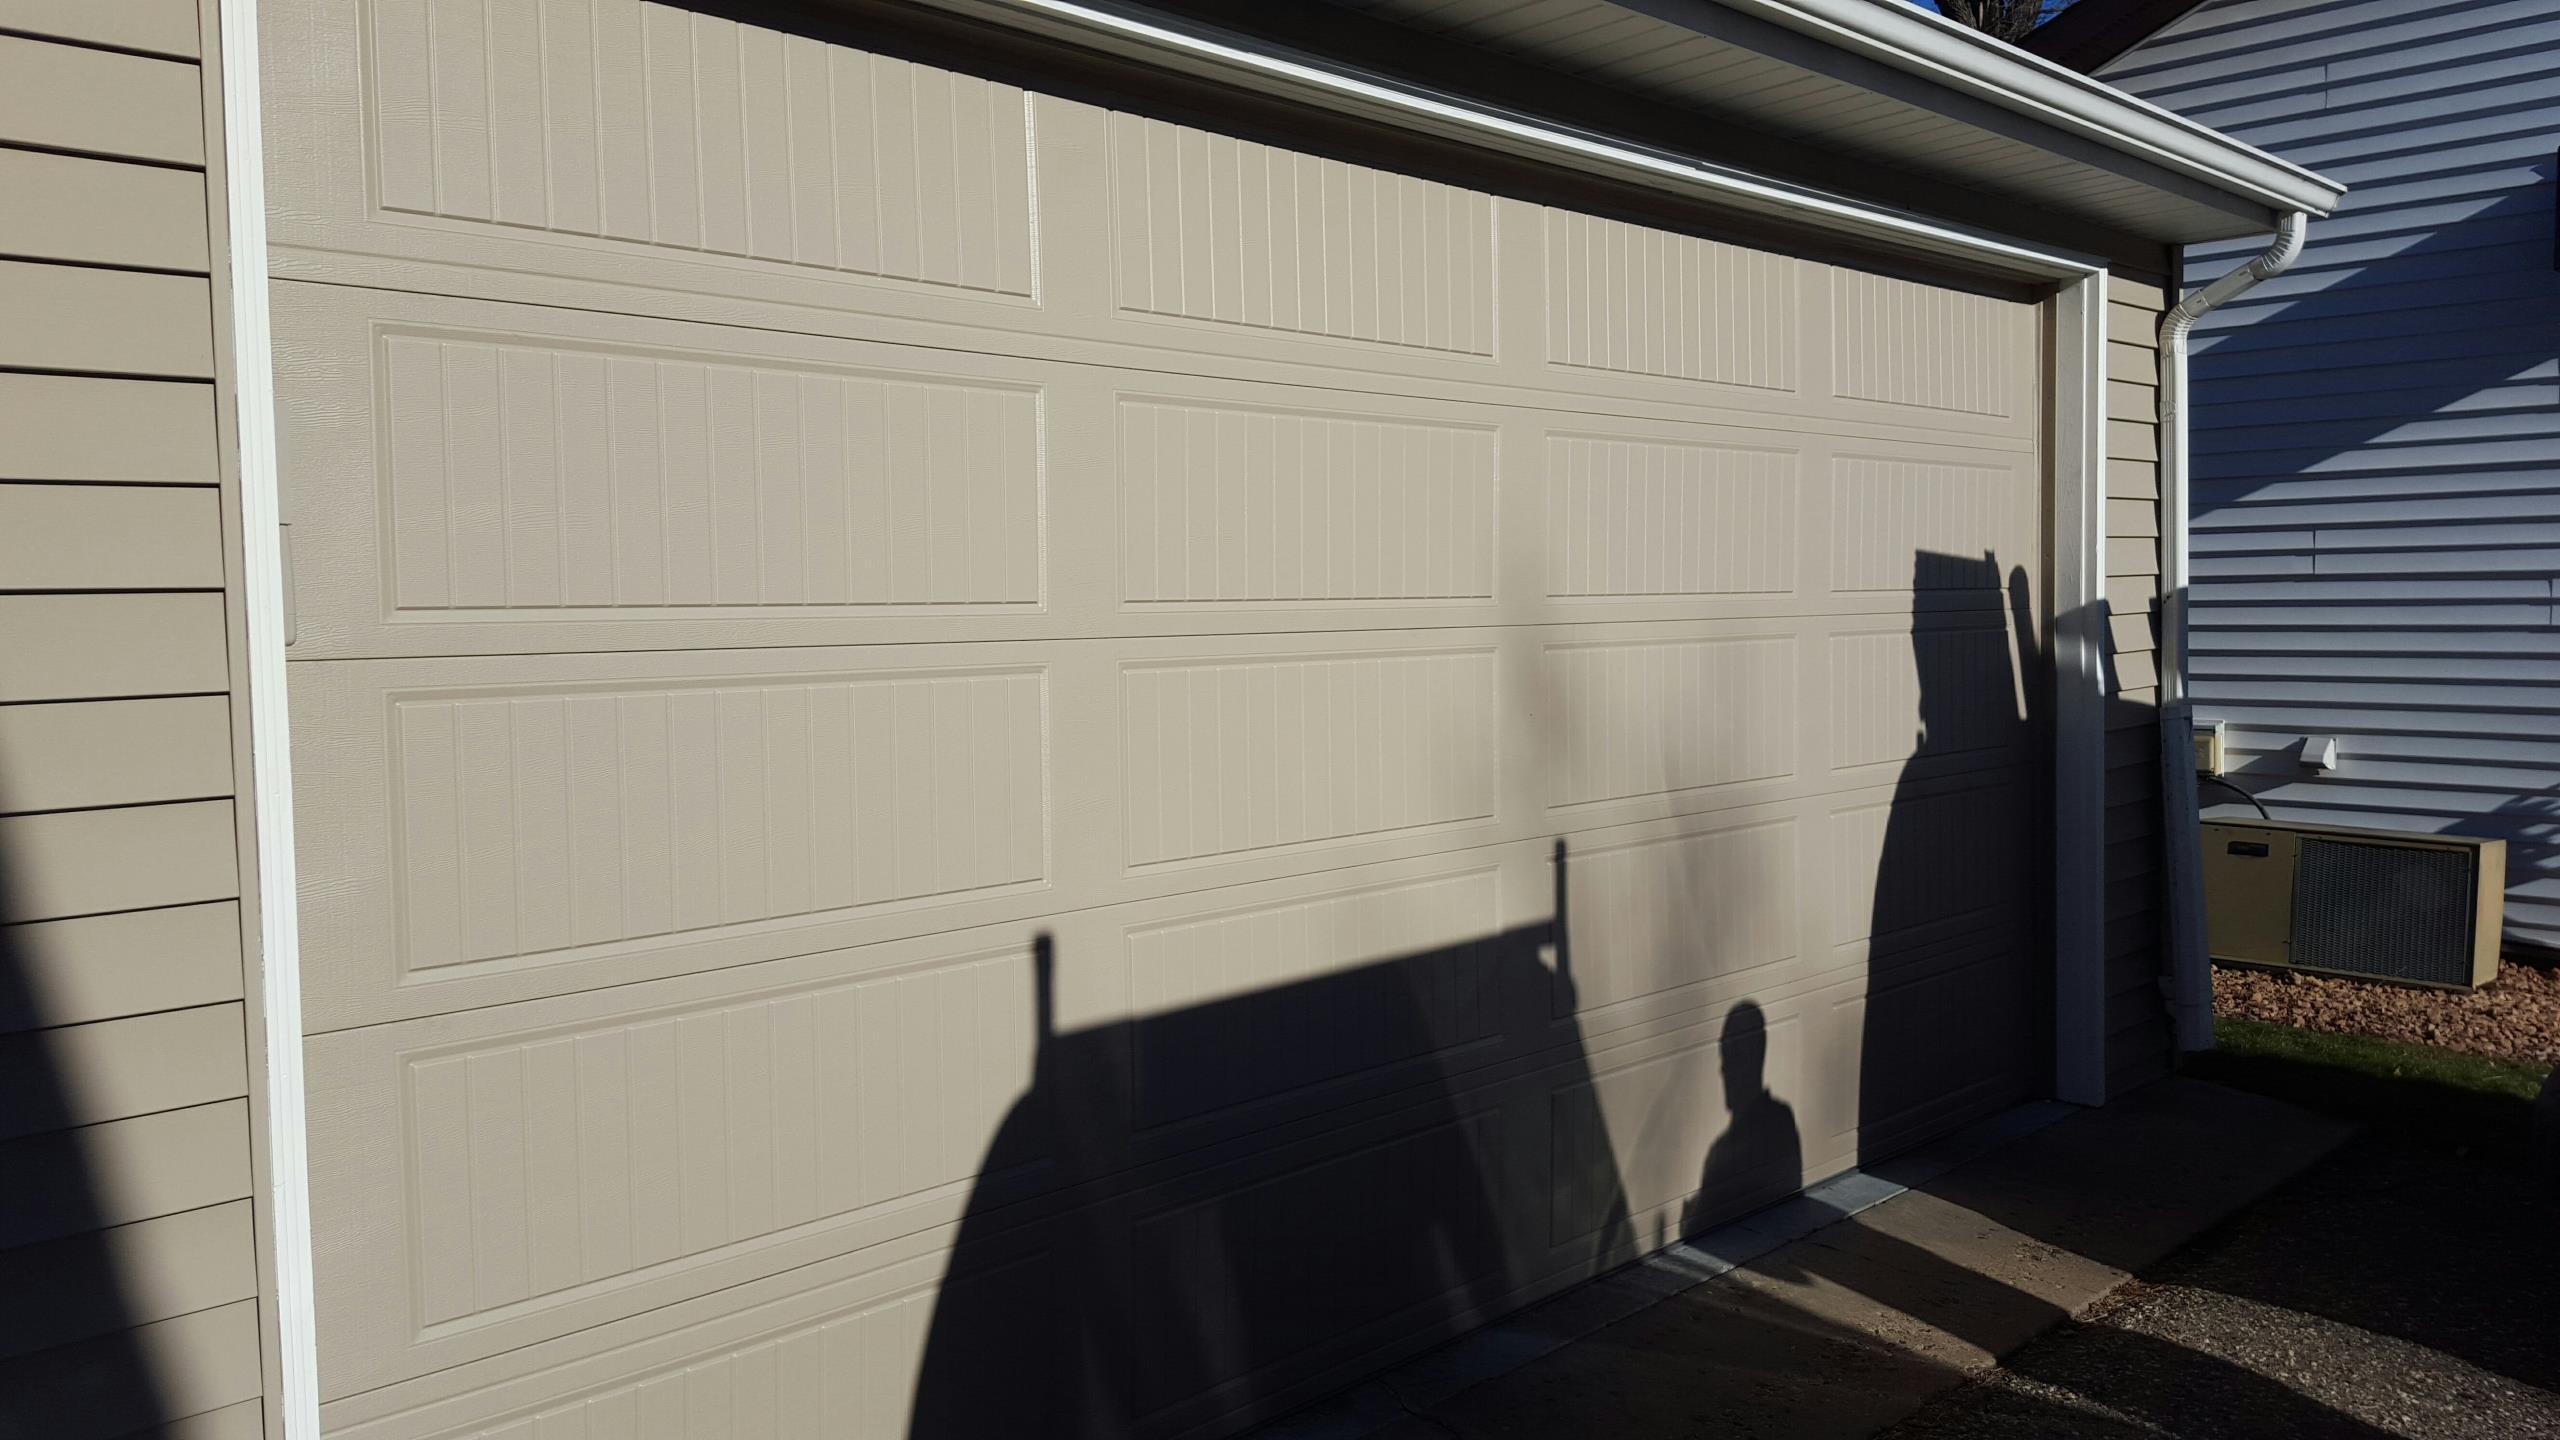 Mound, MN - Jeremy and jon installed 16 by 8 garage door